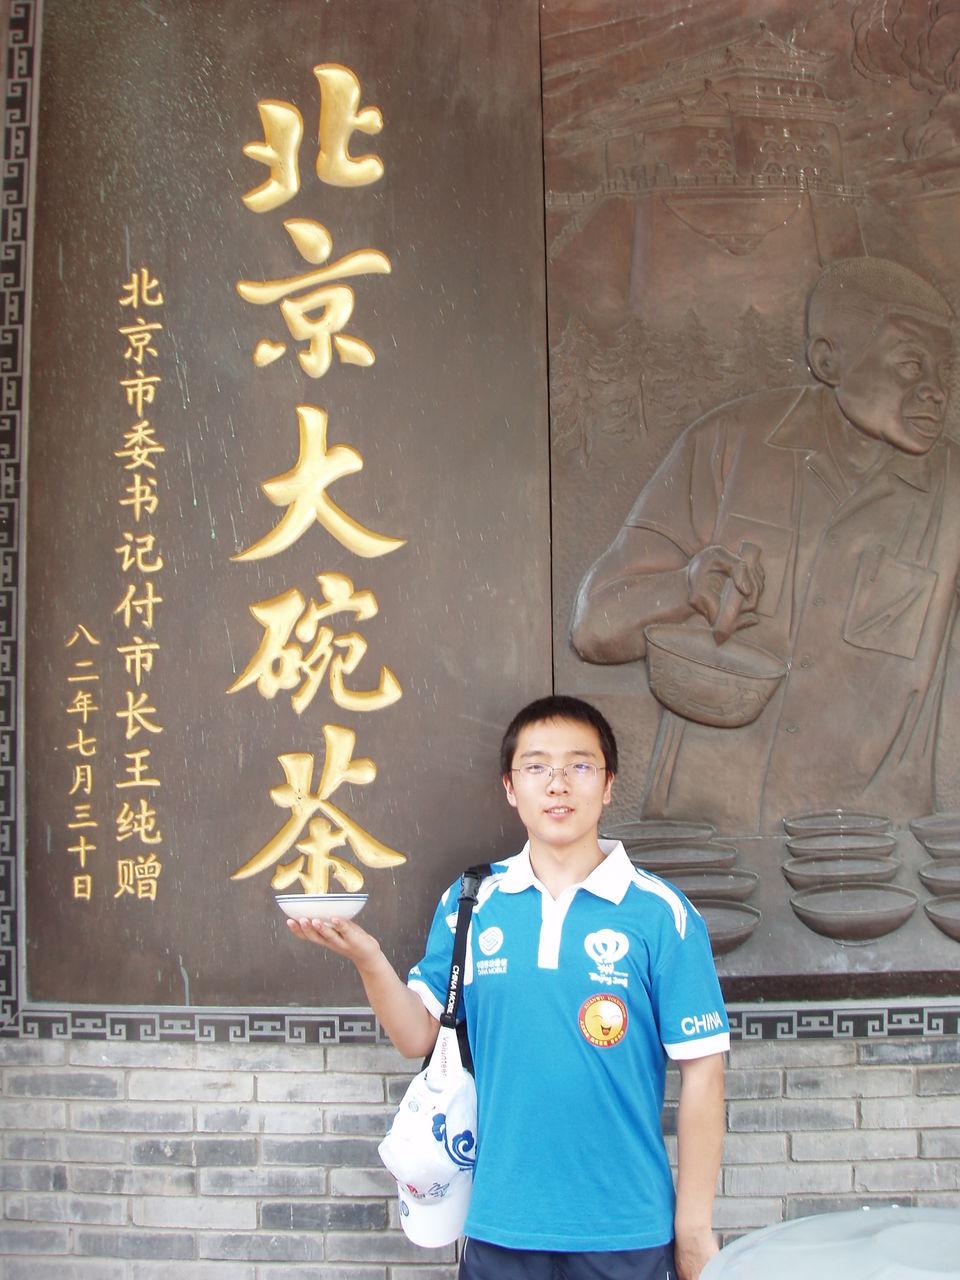 北京拼图(六)——老舍茶馆门里门外 - 月色书香 - 月色书香